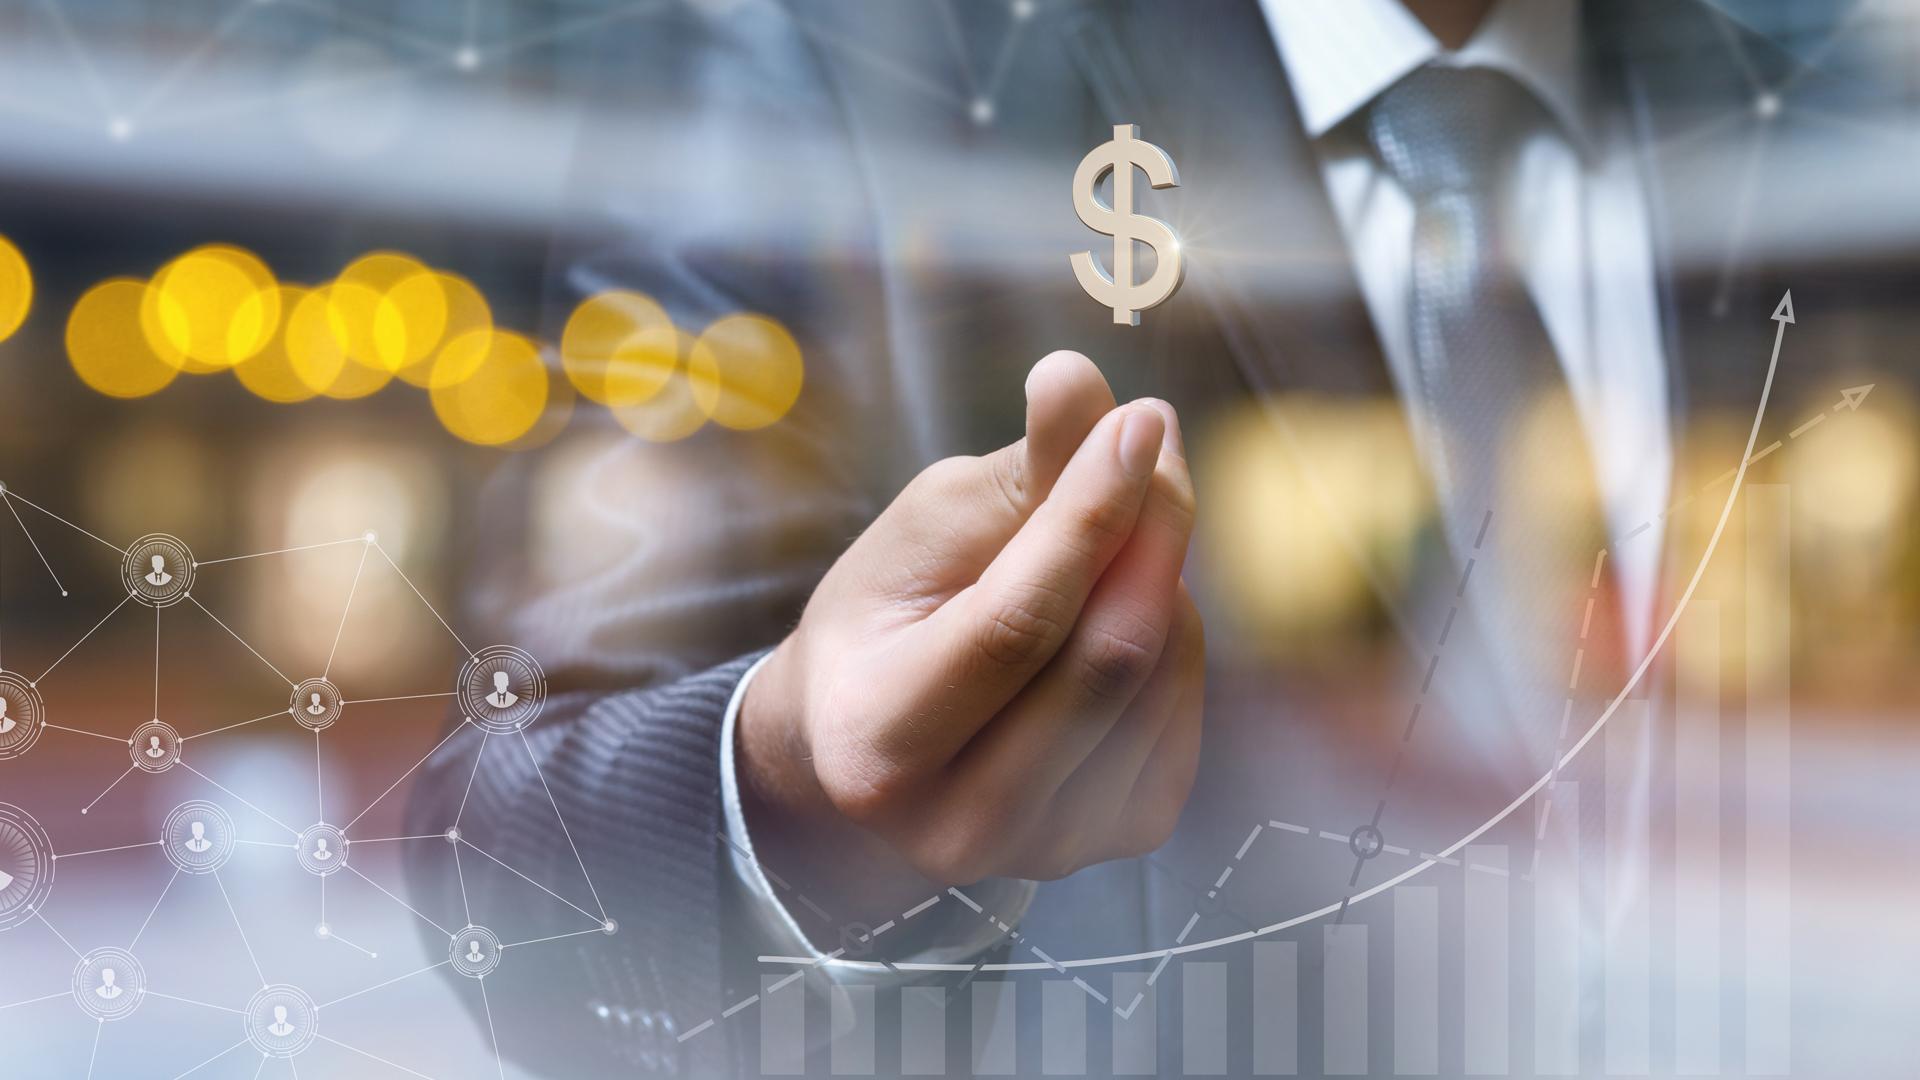 03 điều kiện để nhà đầu tư nước ngoài góp vốn, mua cổ phần của tổ chức KT